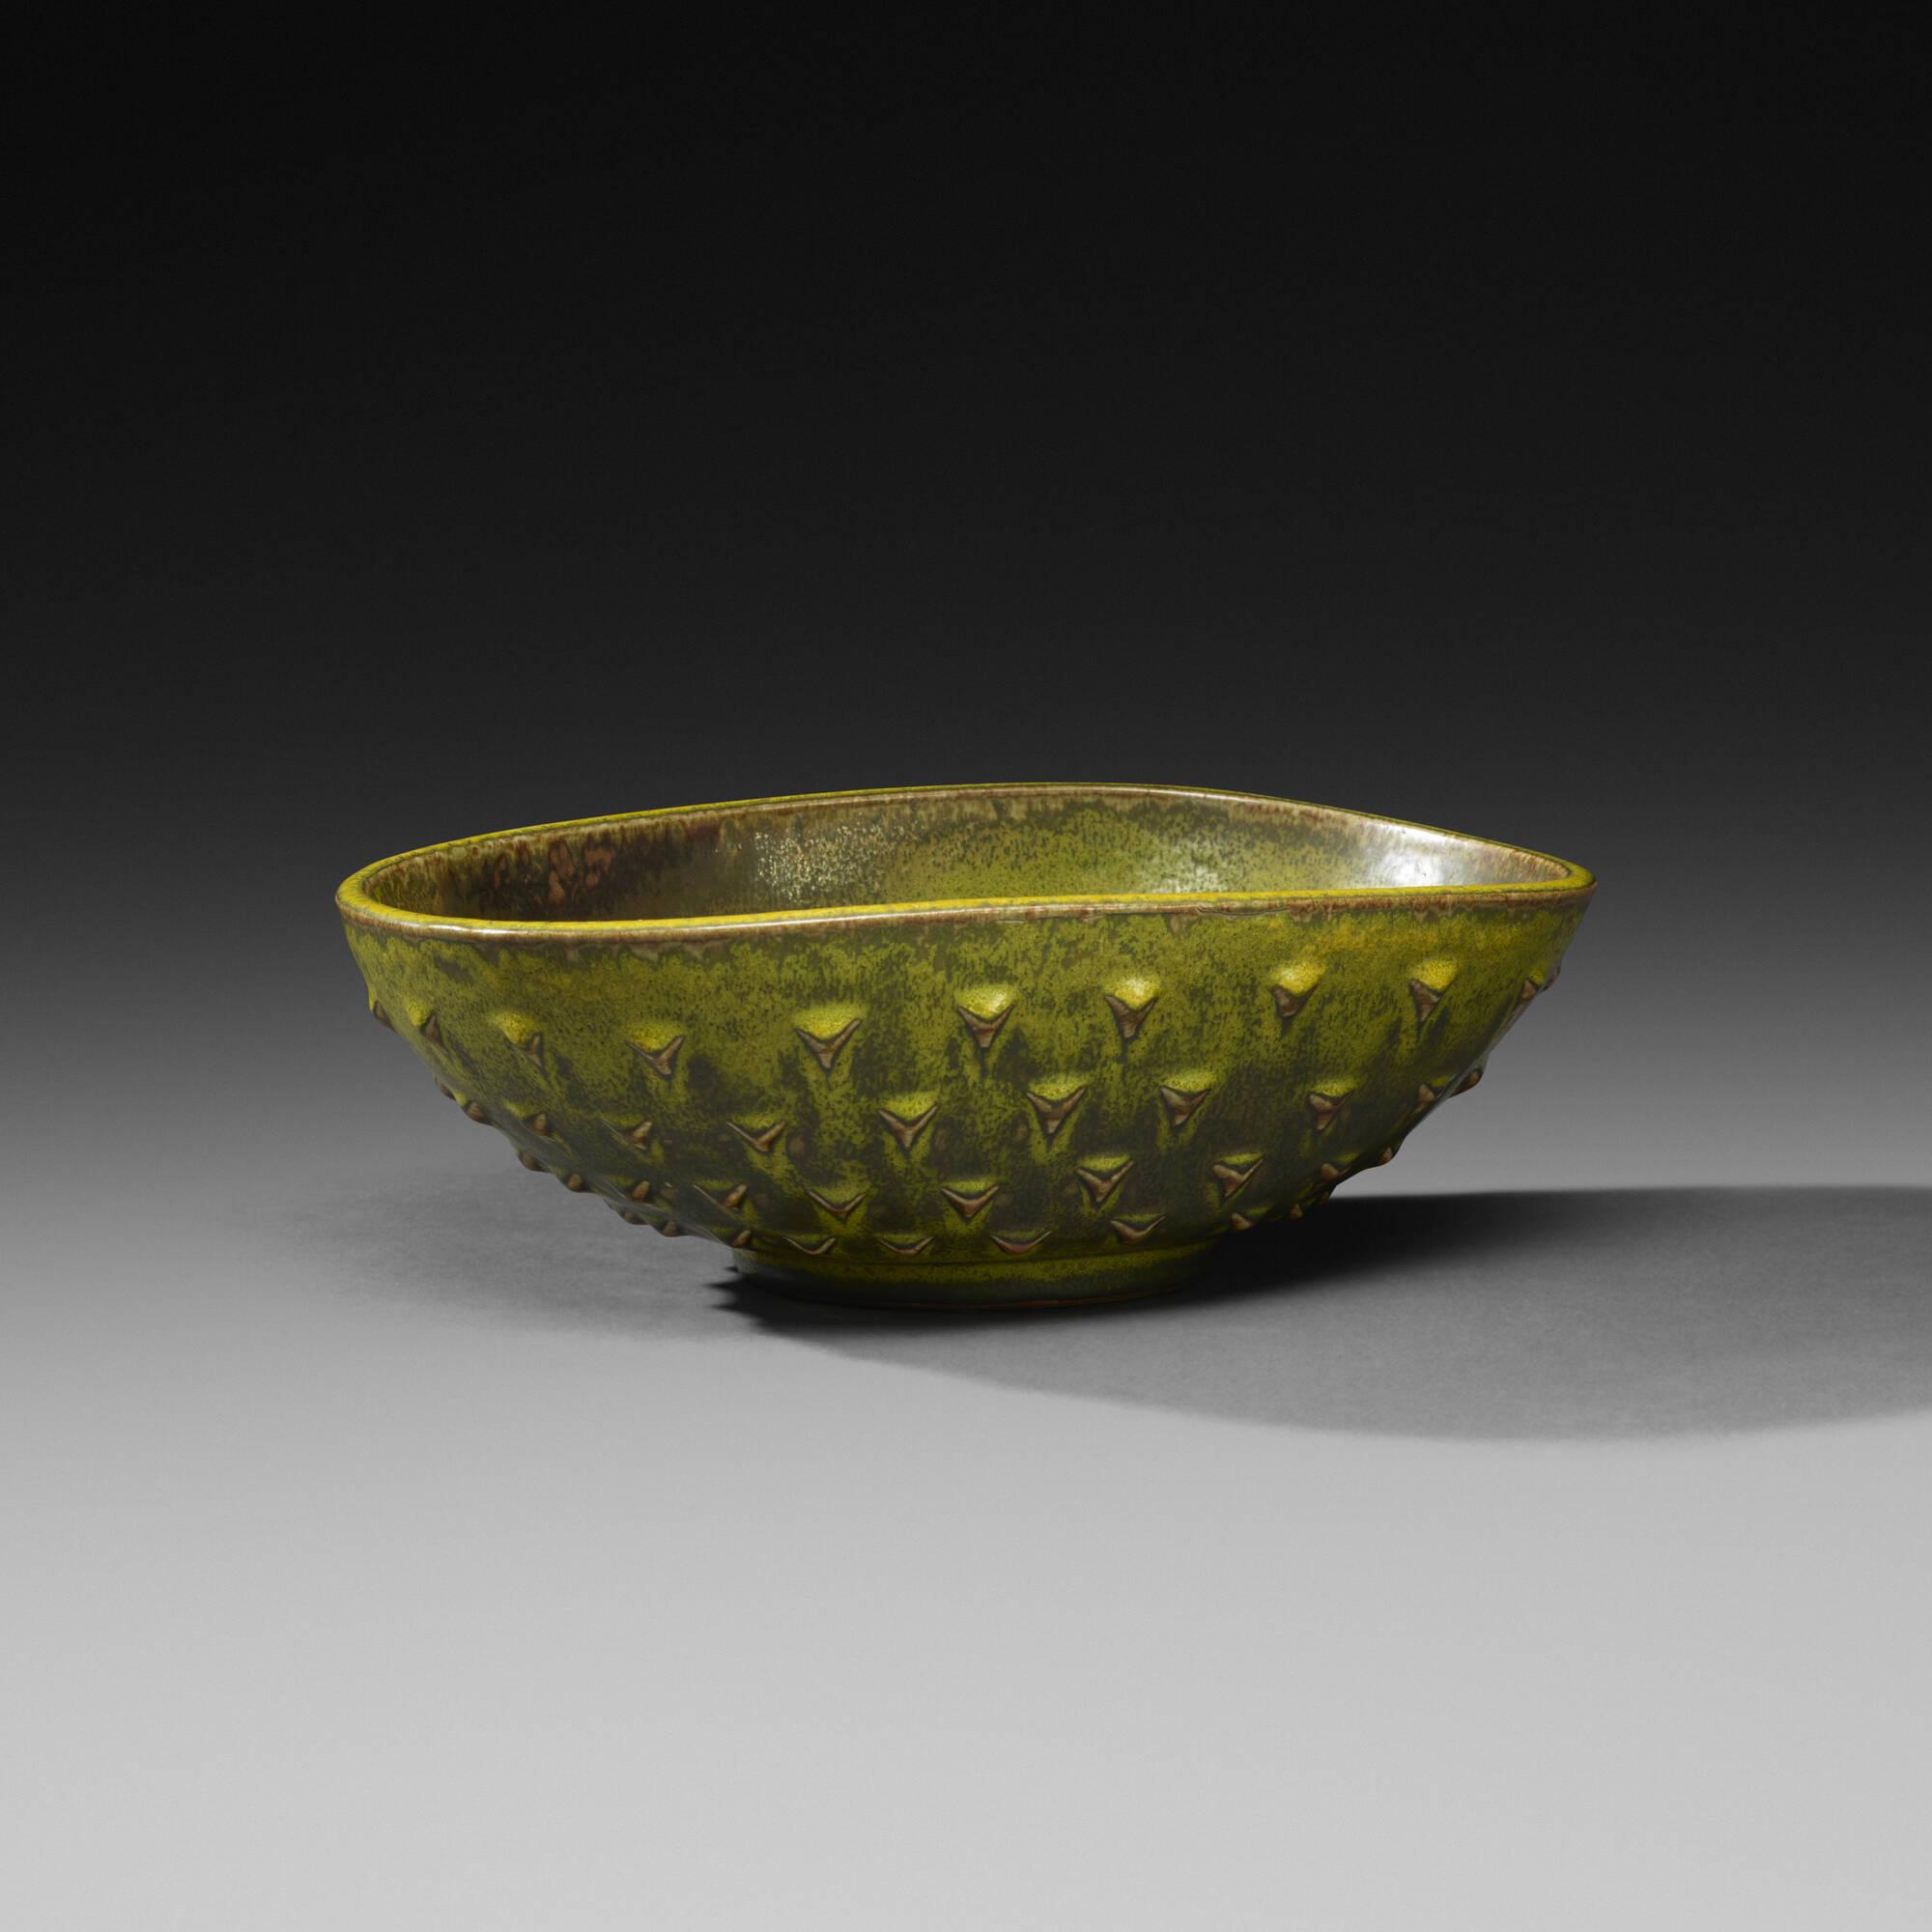 149: Nils Thorsson / bowl (1 of 3)